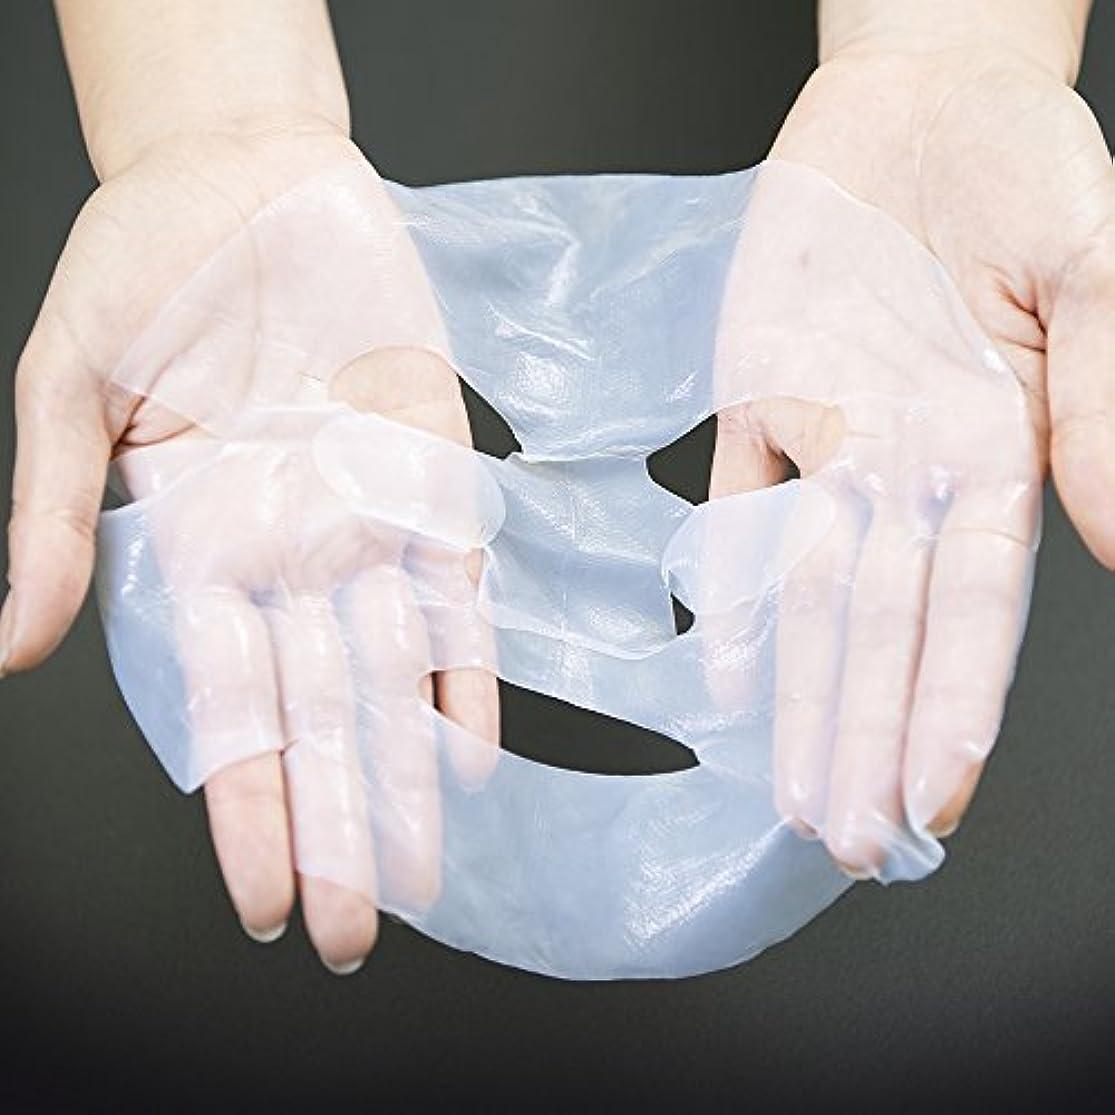 地区不完全なイブニングヒト幹細胞化粧品 ディアガイア フェイスパック 5枚セット